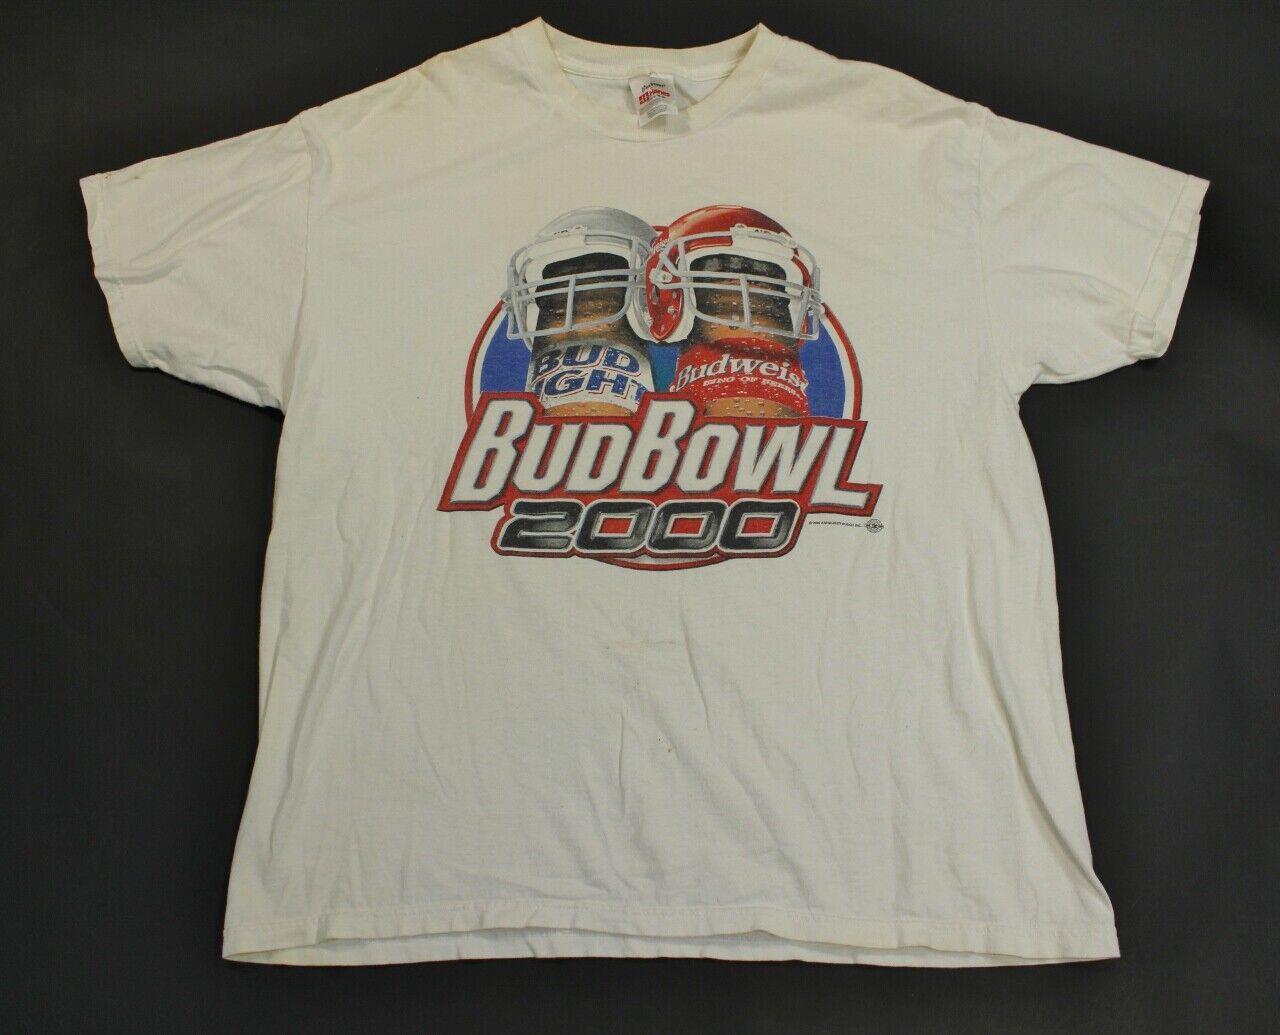 Super Bowl Bud Bowl Light Budweiser Beer Alcohol Funny Shirt VTG 2000 Y2K XL